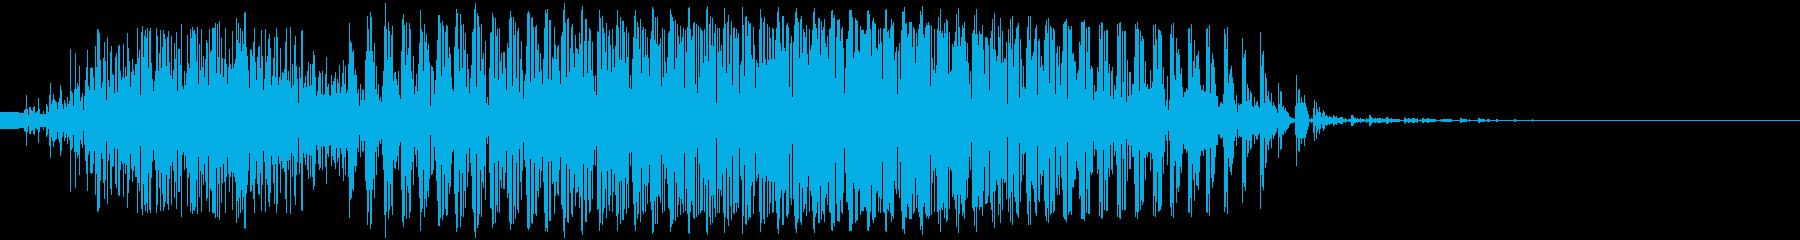 ロボットボイス「Fire」の再生済みの波形